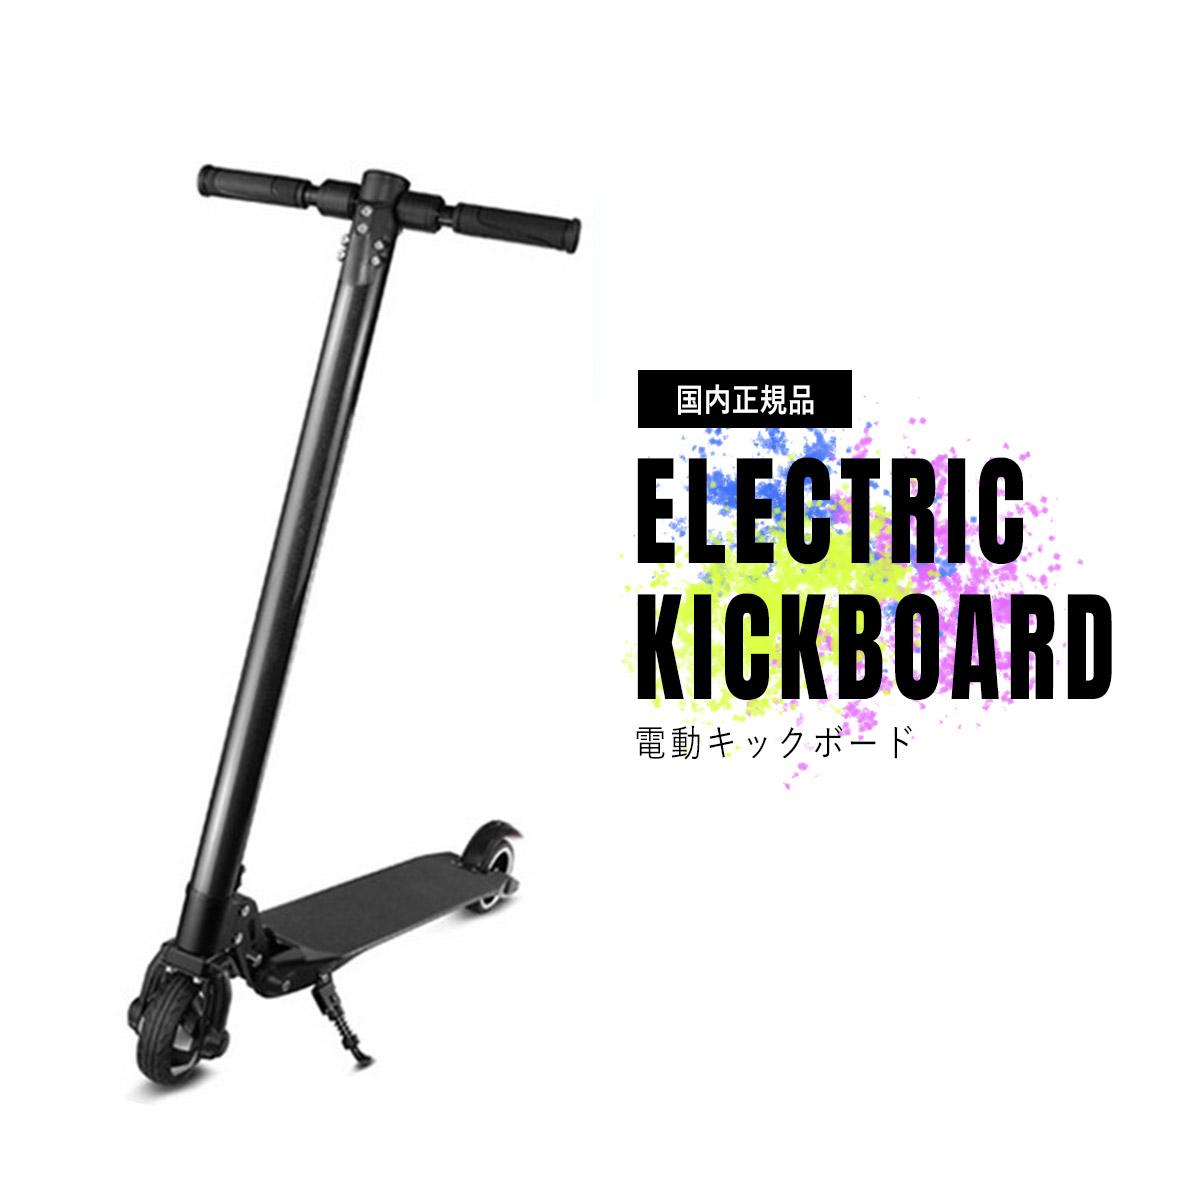 電動キックボード キックボード キックスクーター バイク車体 スクーター バランス歩行機 アシスト歩行 国内正規品